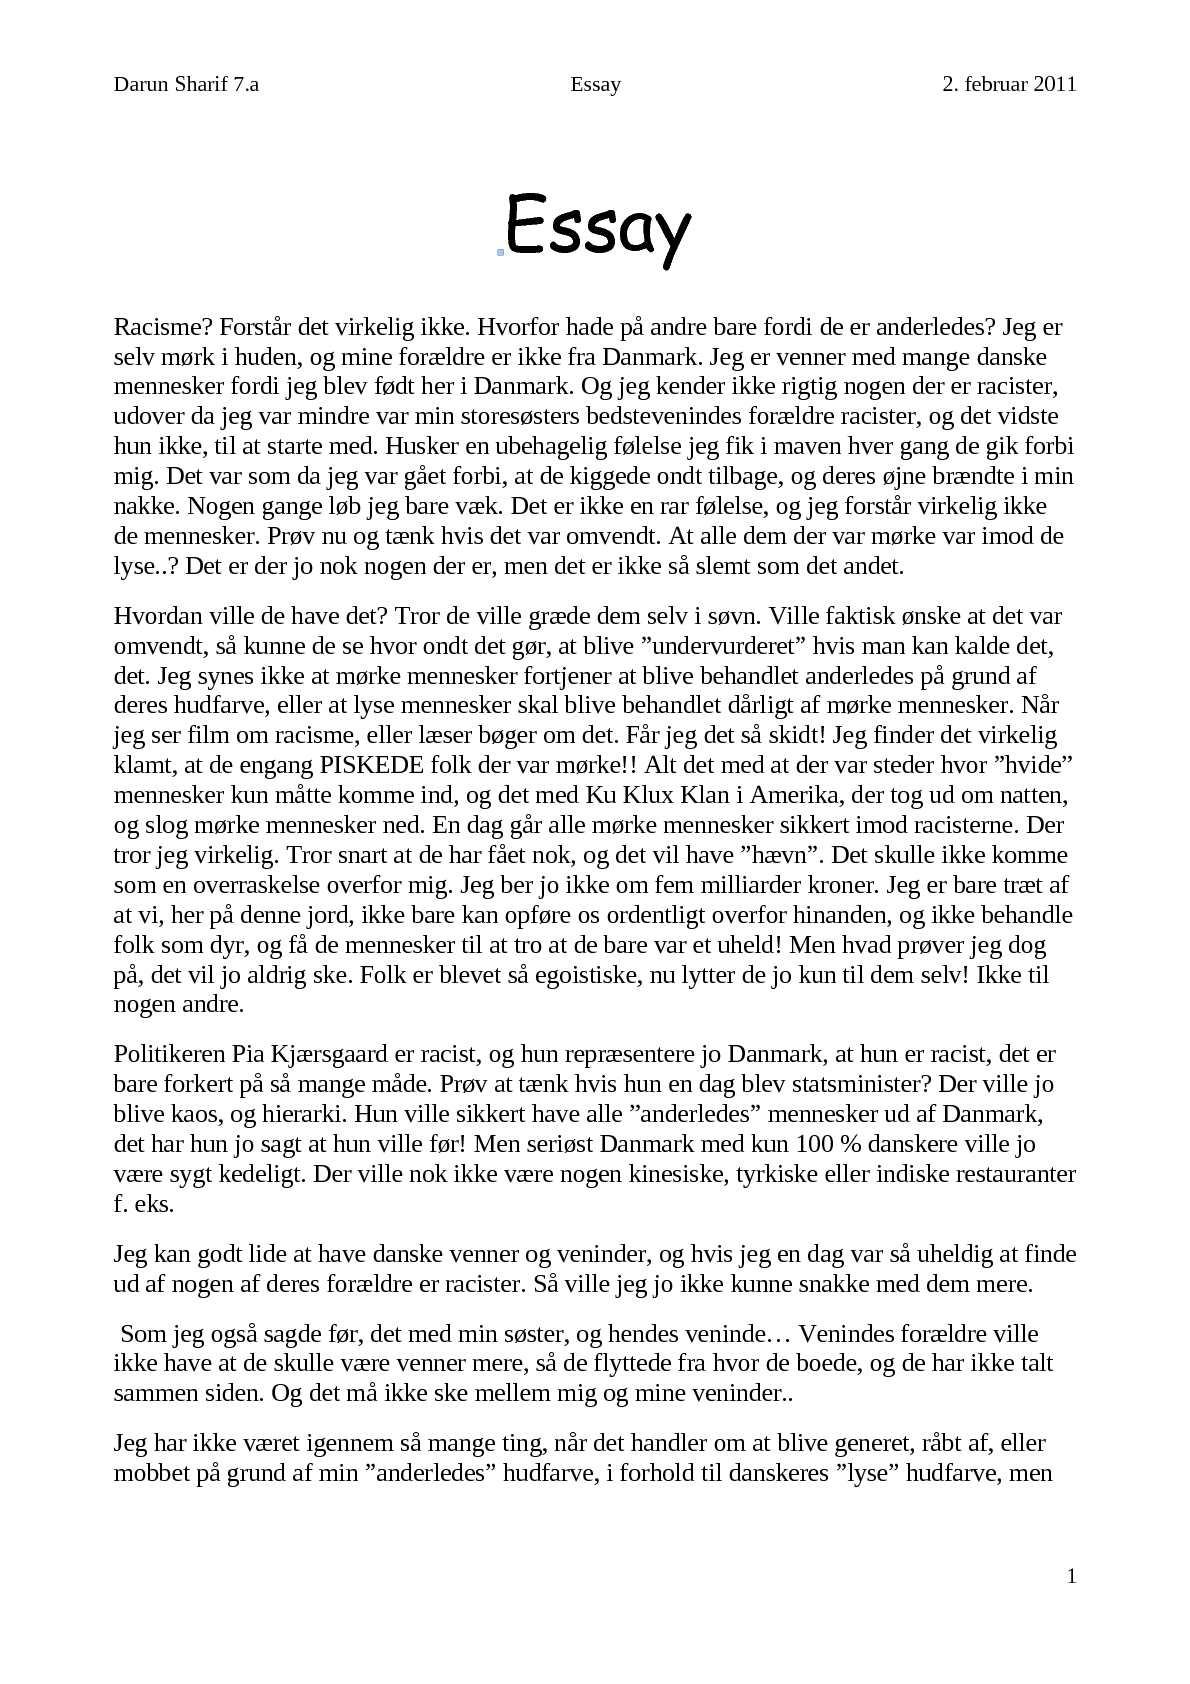 essay om mobning Fie laursen i tv2 nyhederne 15 oktober denne video tilegnes dem der er mobbeofre, og er et signal til folk, om hvordan det er og føles at blive mobbet.